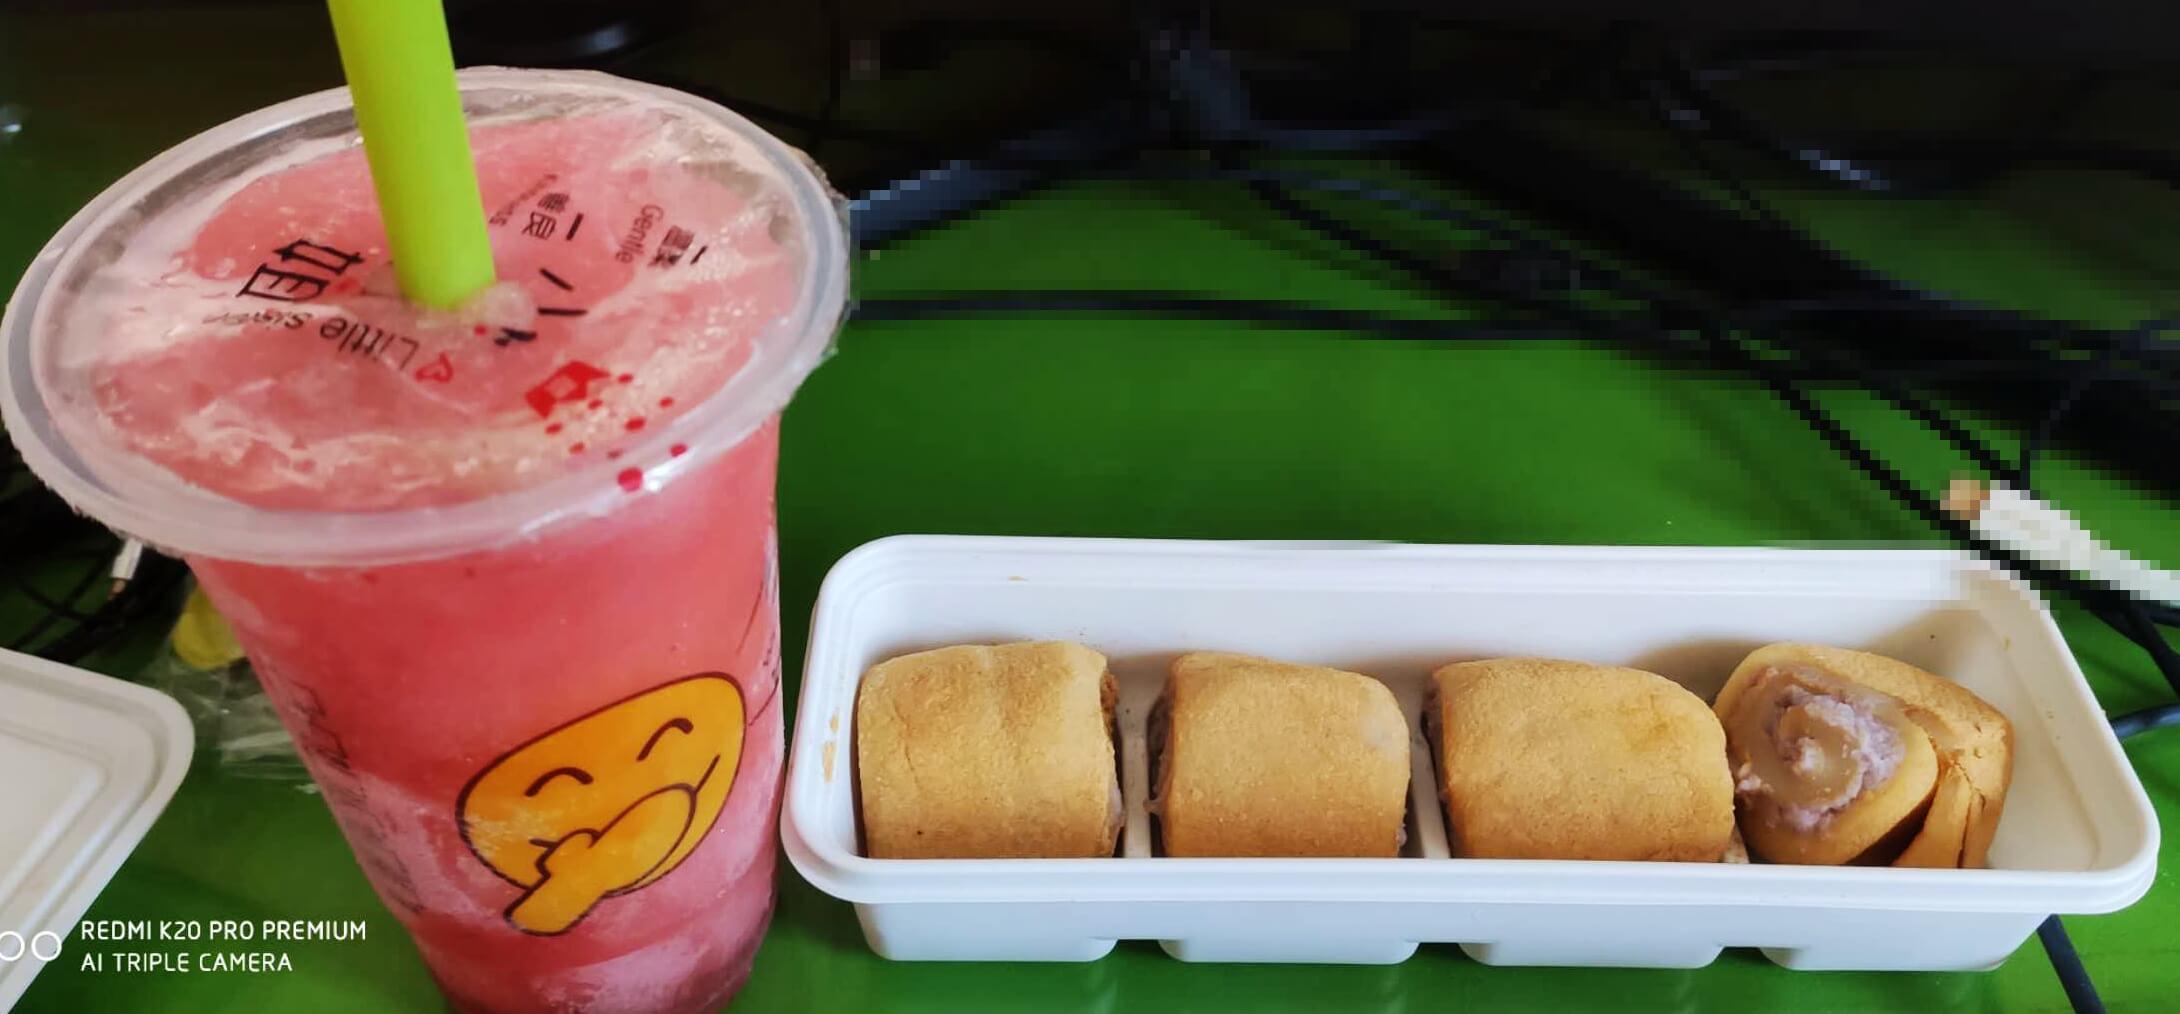 草莓冰砂 + 驴打滚